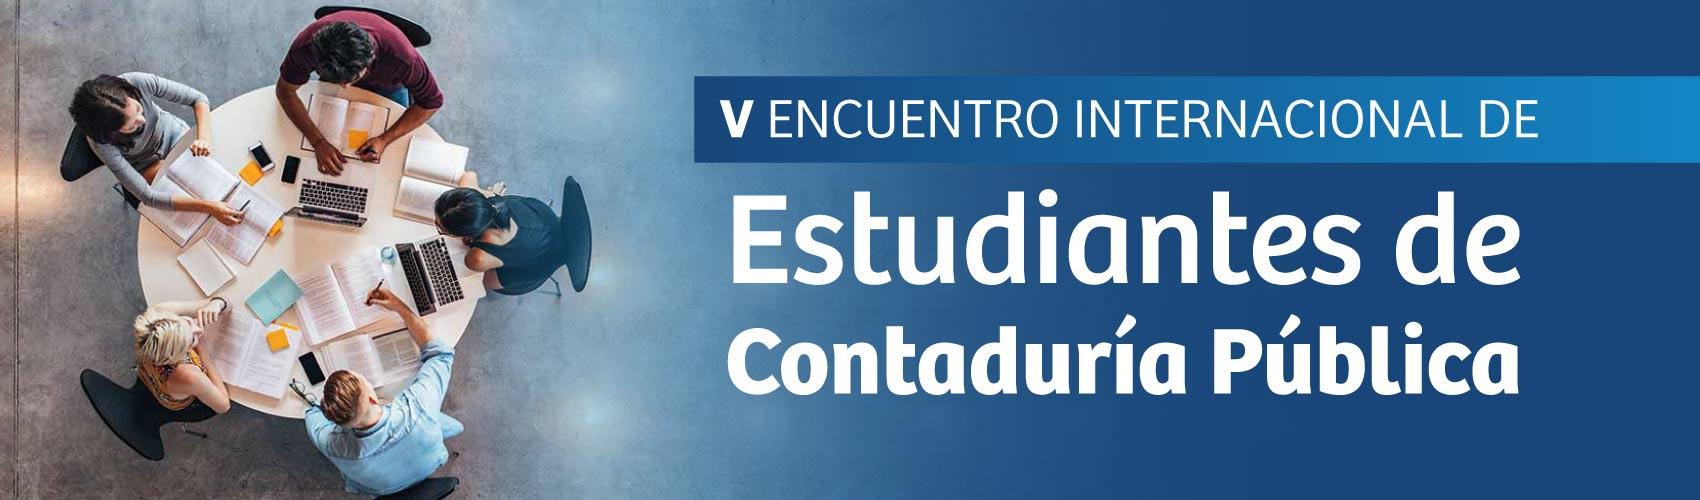 header-v-encuentro-contaduria